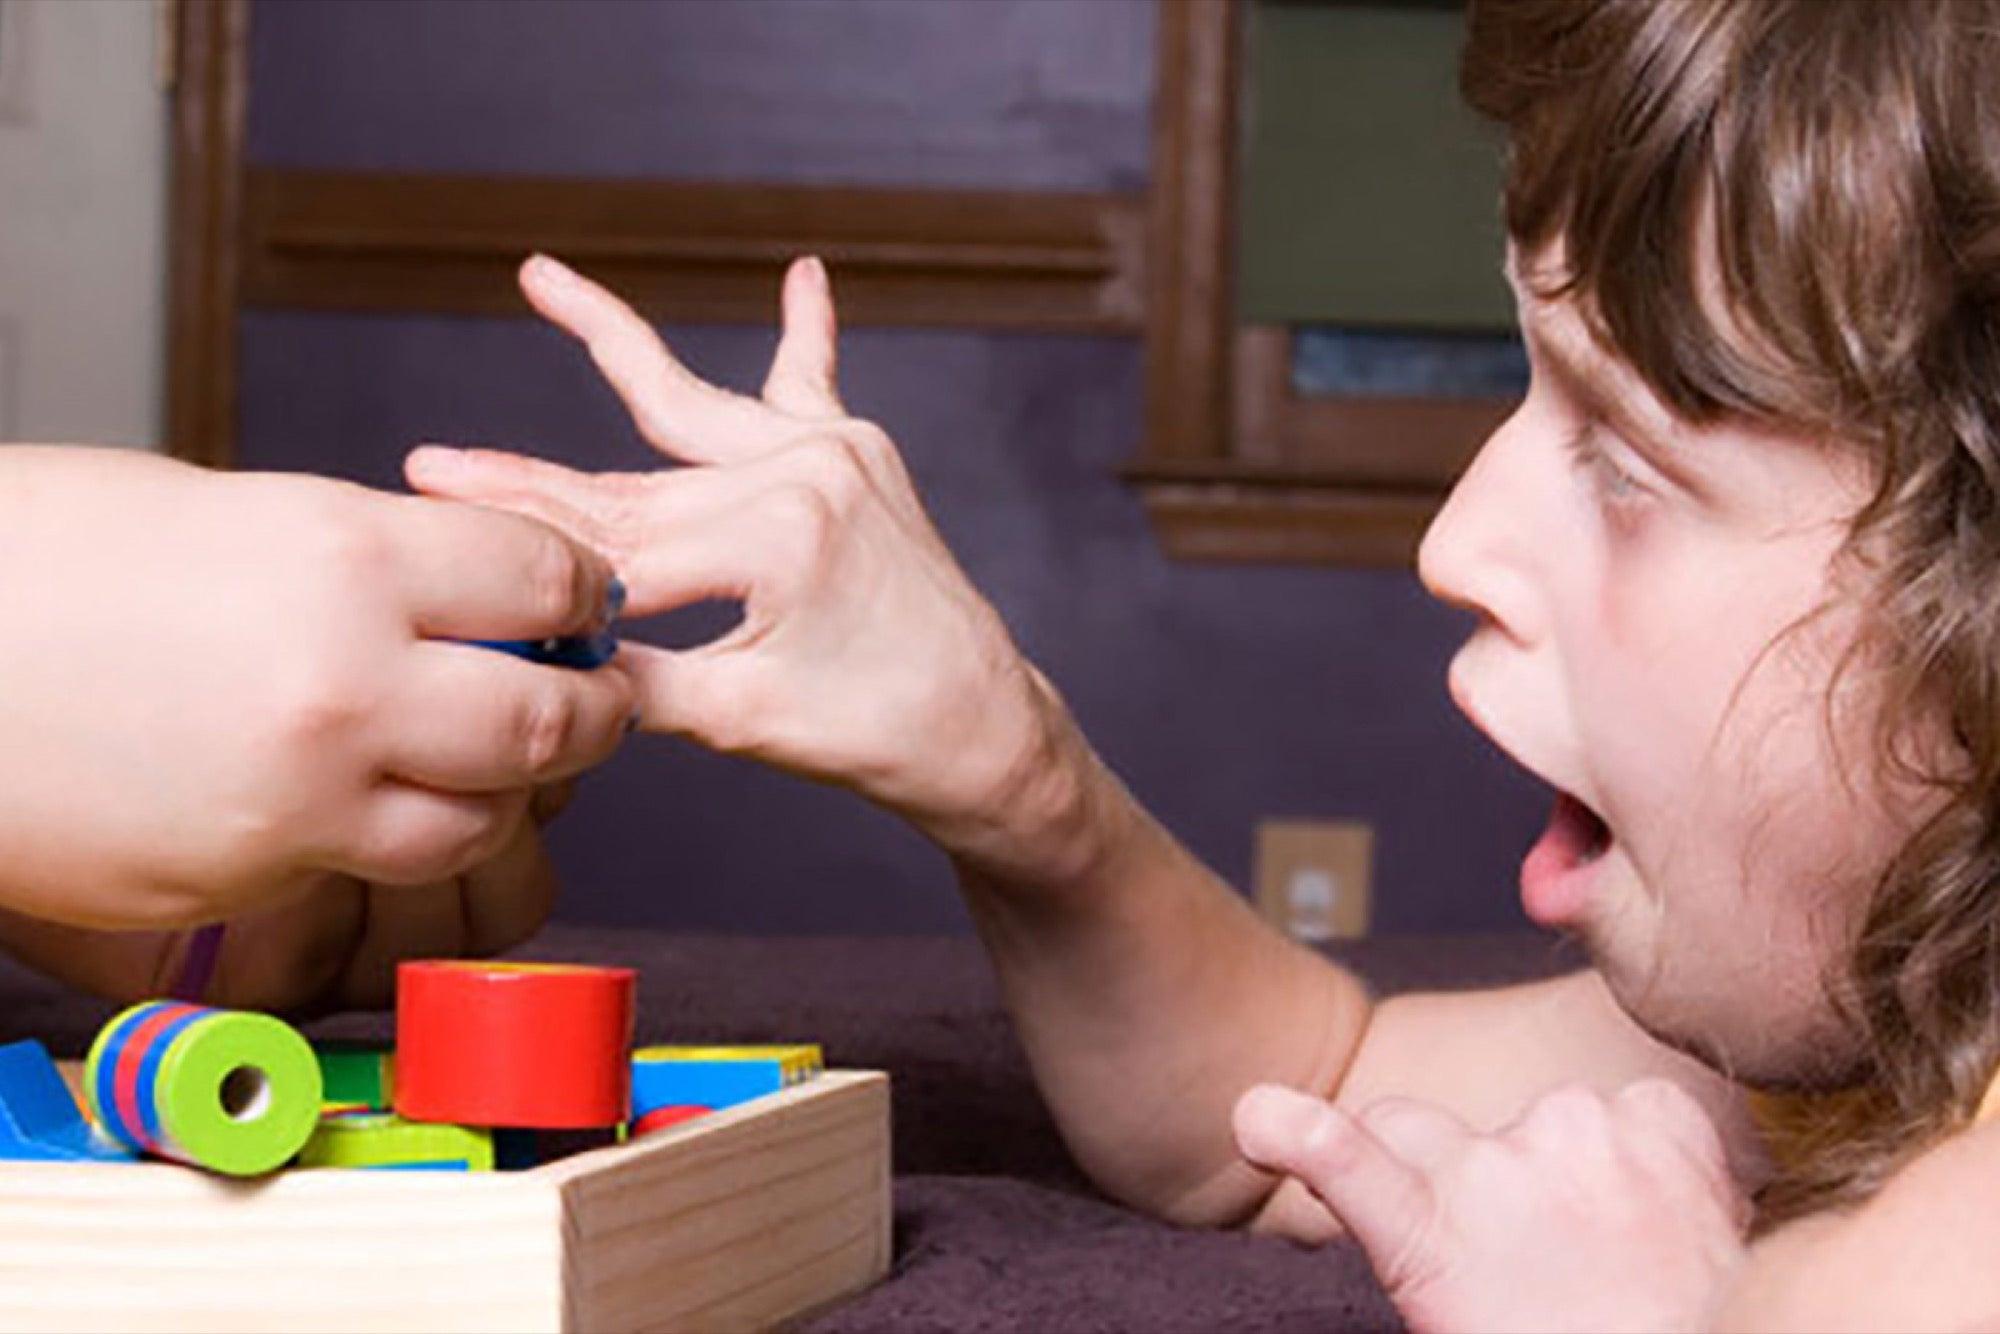 Niños Discapacitados Juegos Niños Didácticos Didácticos Didácticos Para Discapacitados Juegos Para Para Juegos WI9YDEH2